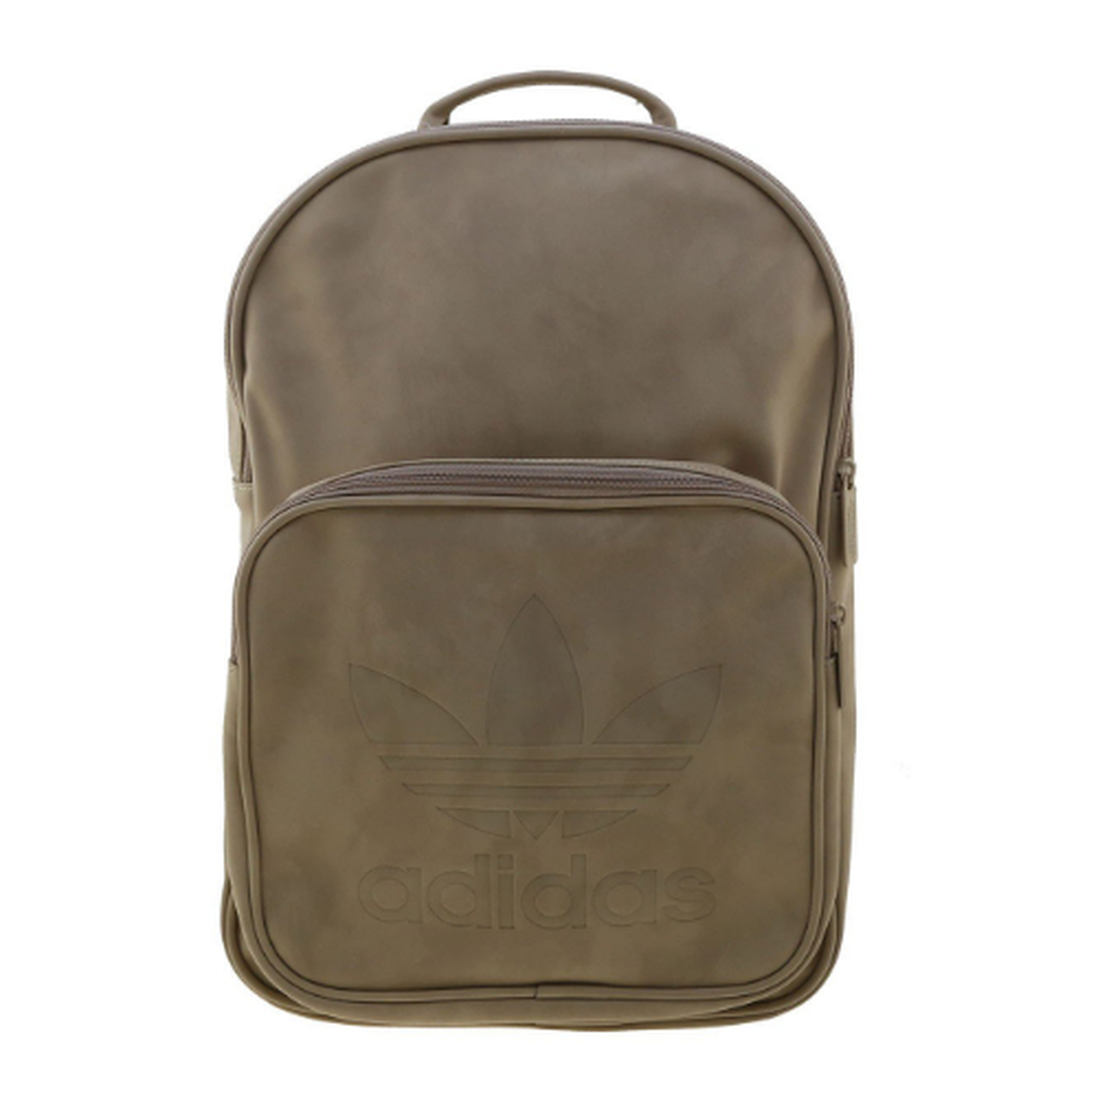 Άψογο backpack Adidas για πόλη και παραλία